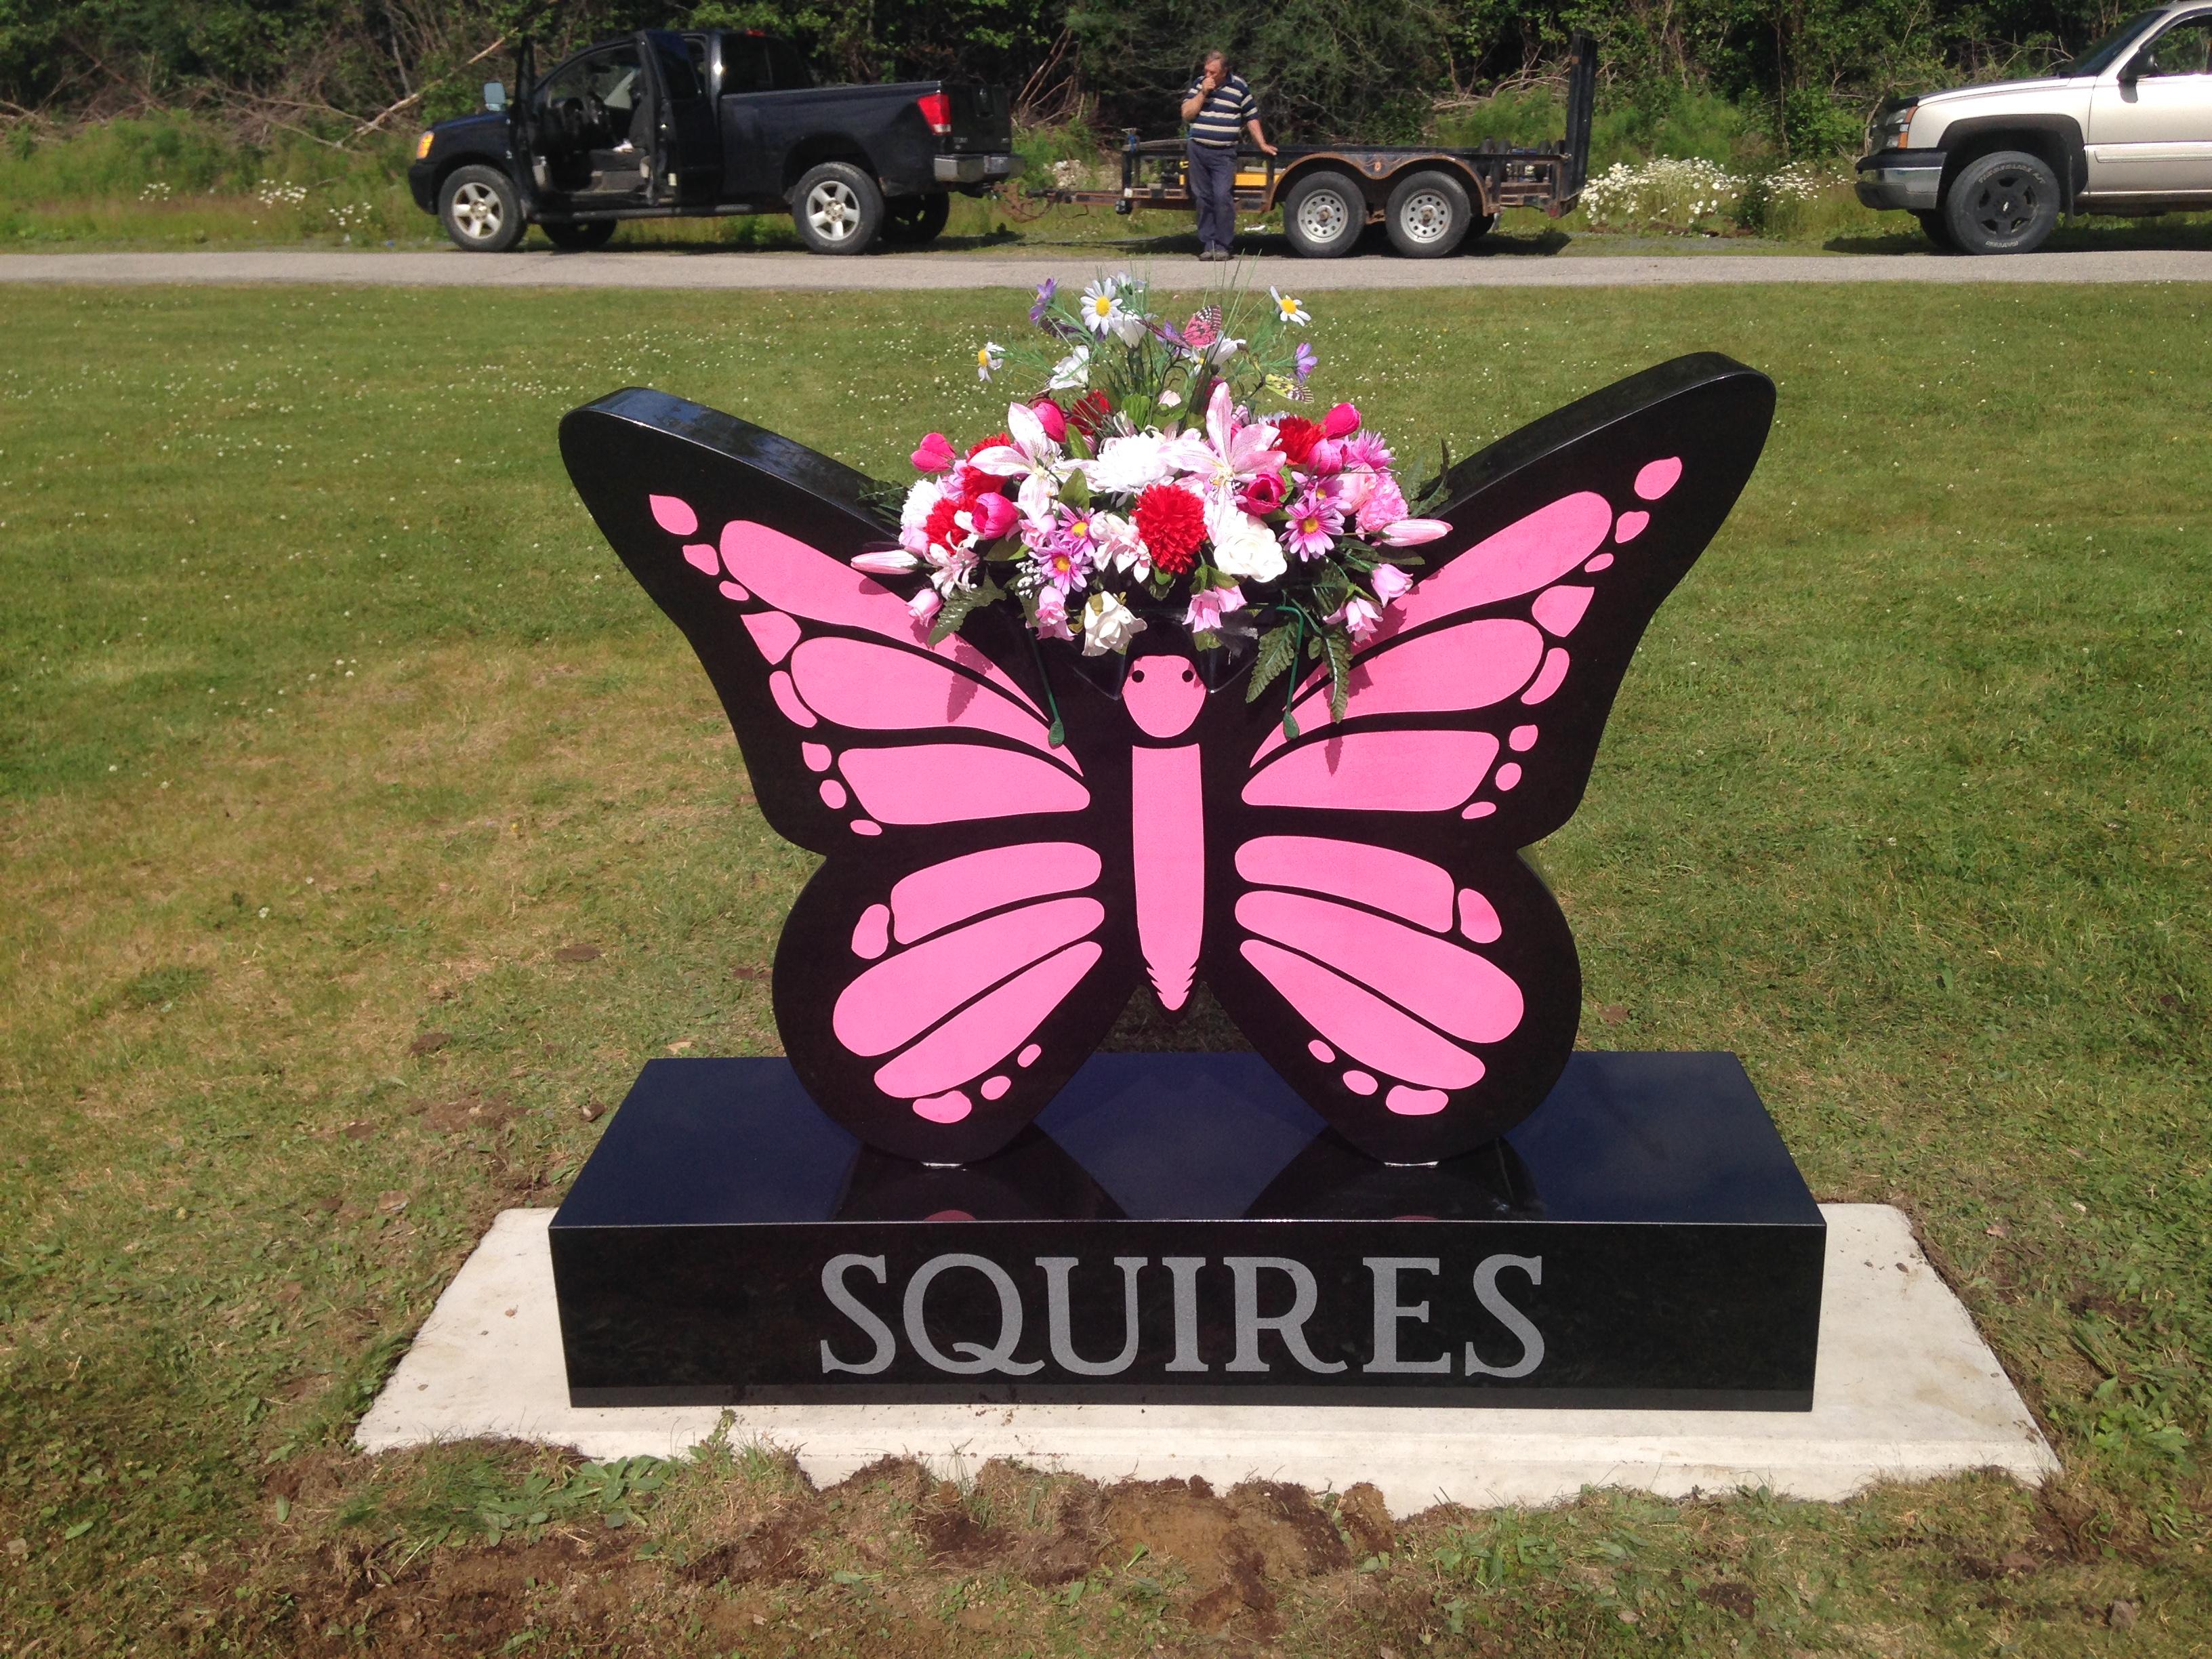 Squires1